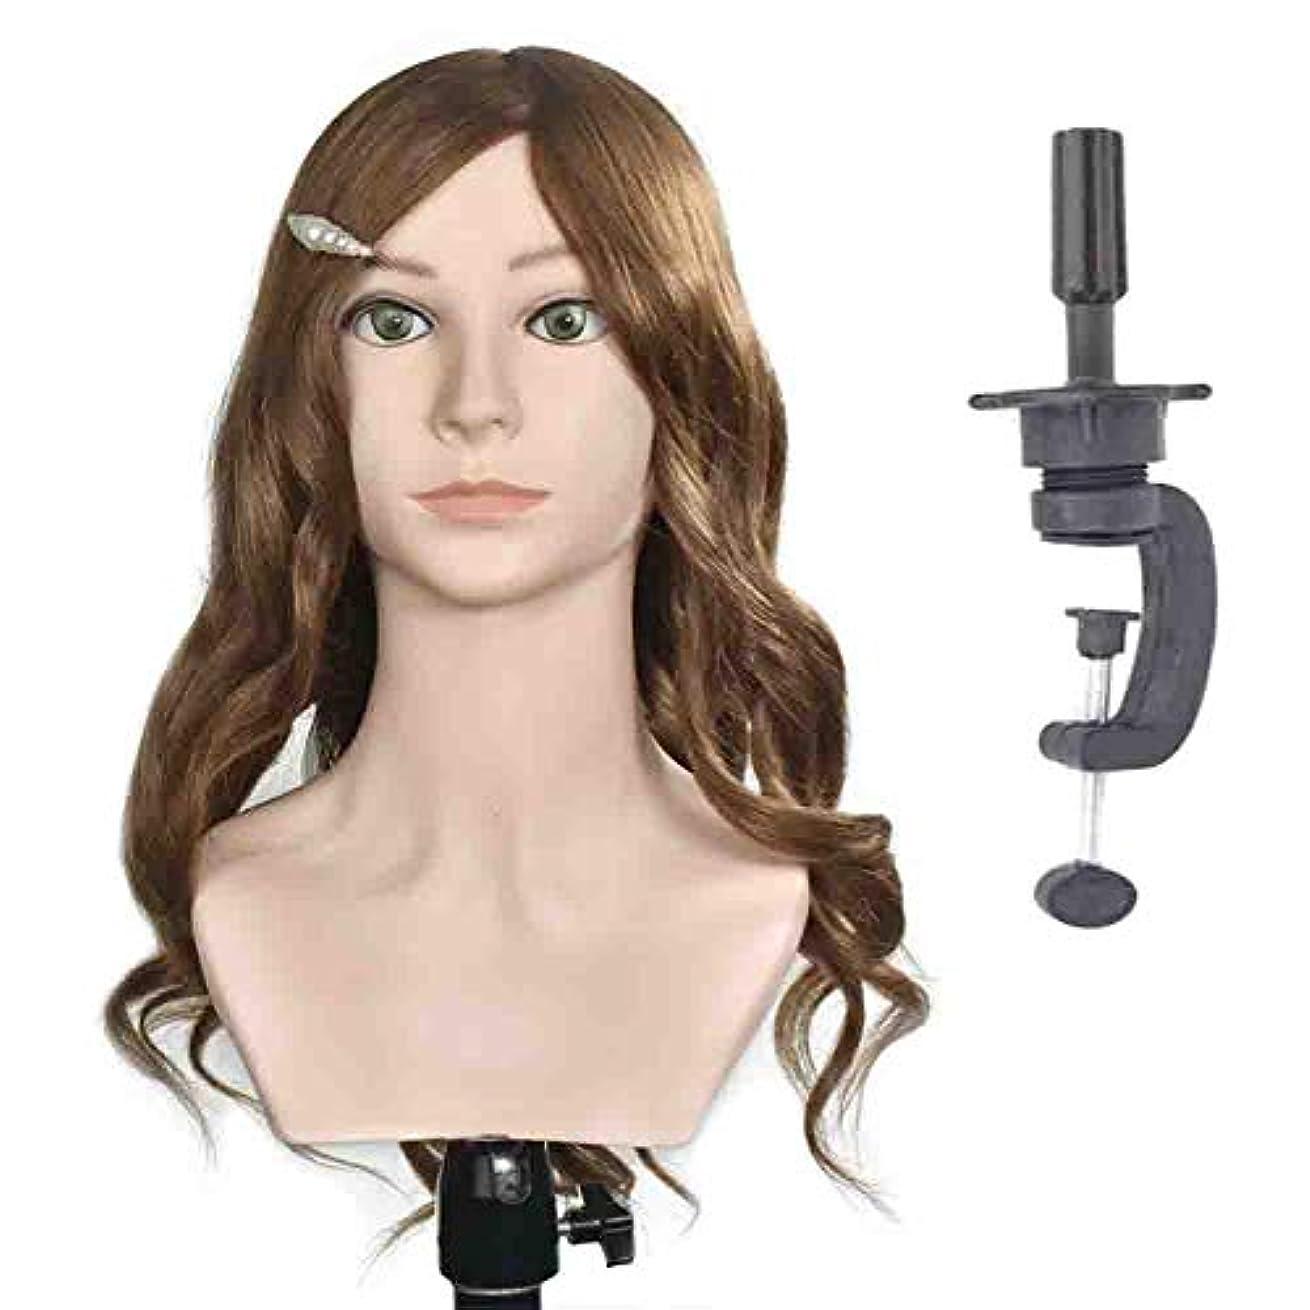 天気うめき力完全な人毛ヘアスタイリングモデルヘッド女性モデルヘッドティーチングヘッド理髪店編組髪染め学習ダミーヘッド